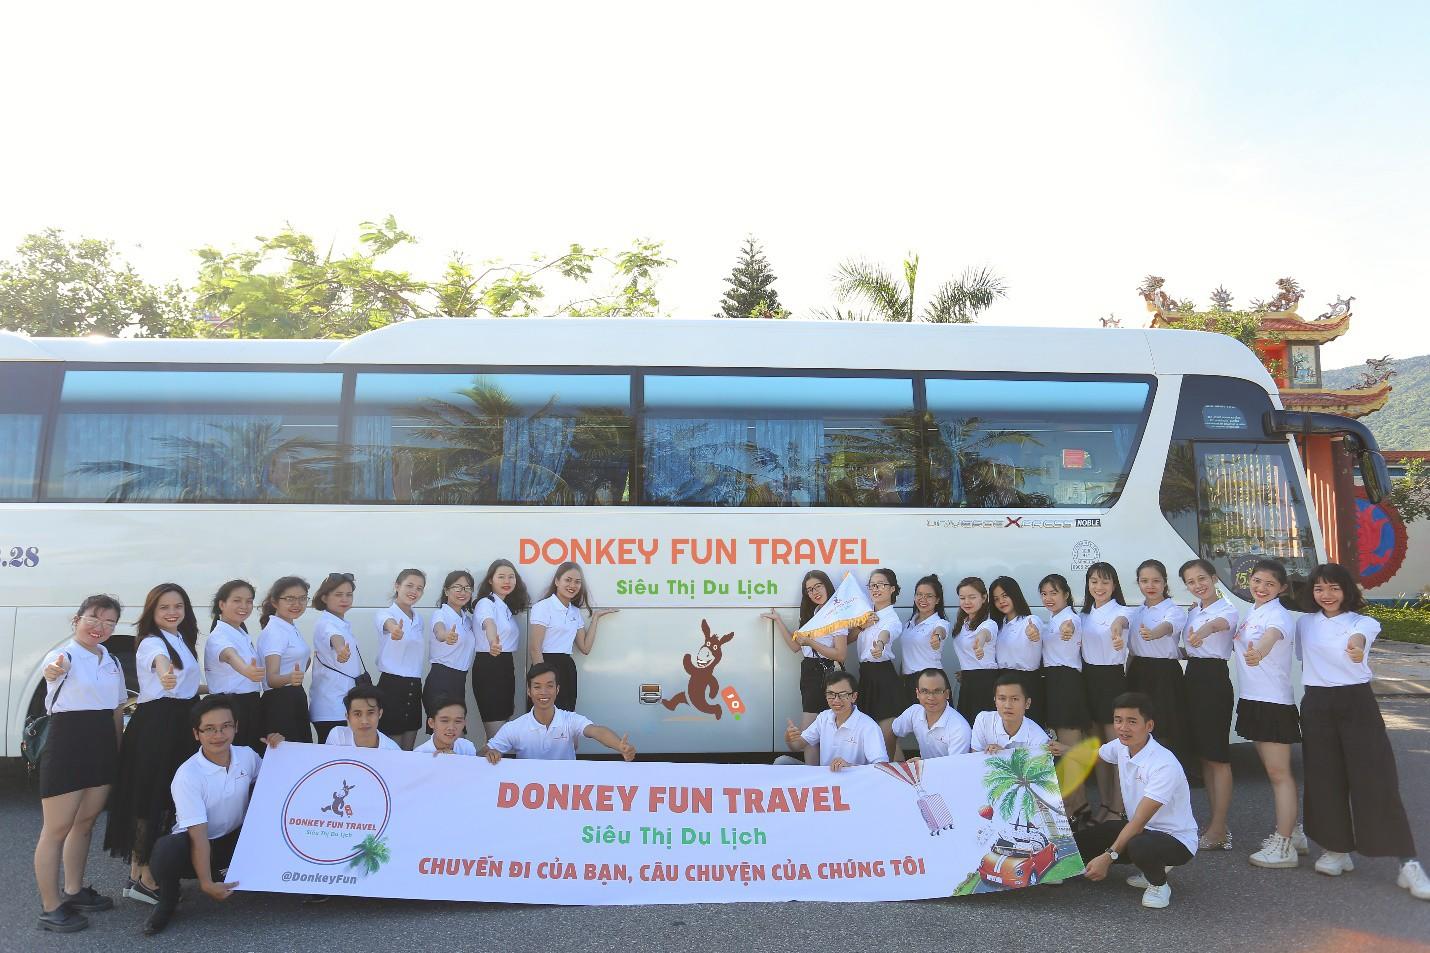 Donkey Fun Travel khai trương văn phòng tại thành phố Hồ Chí Minh - Ảnh 3.